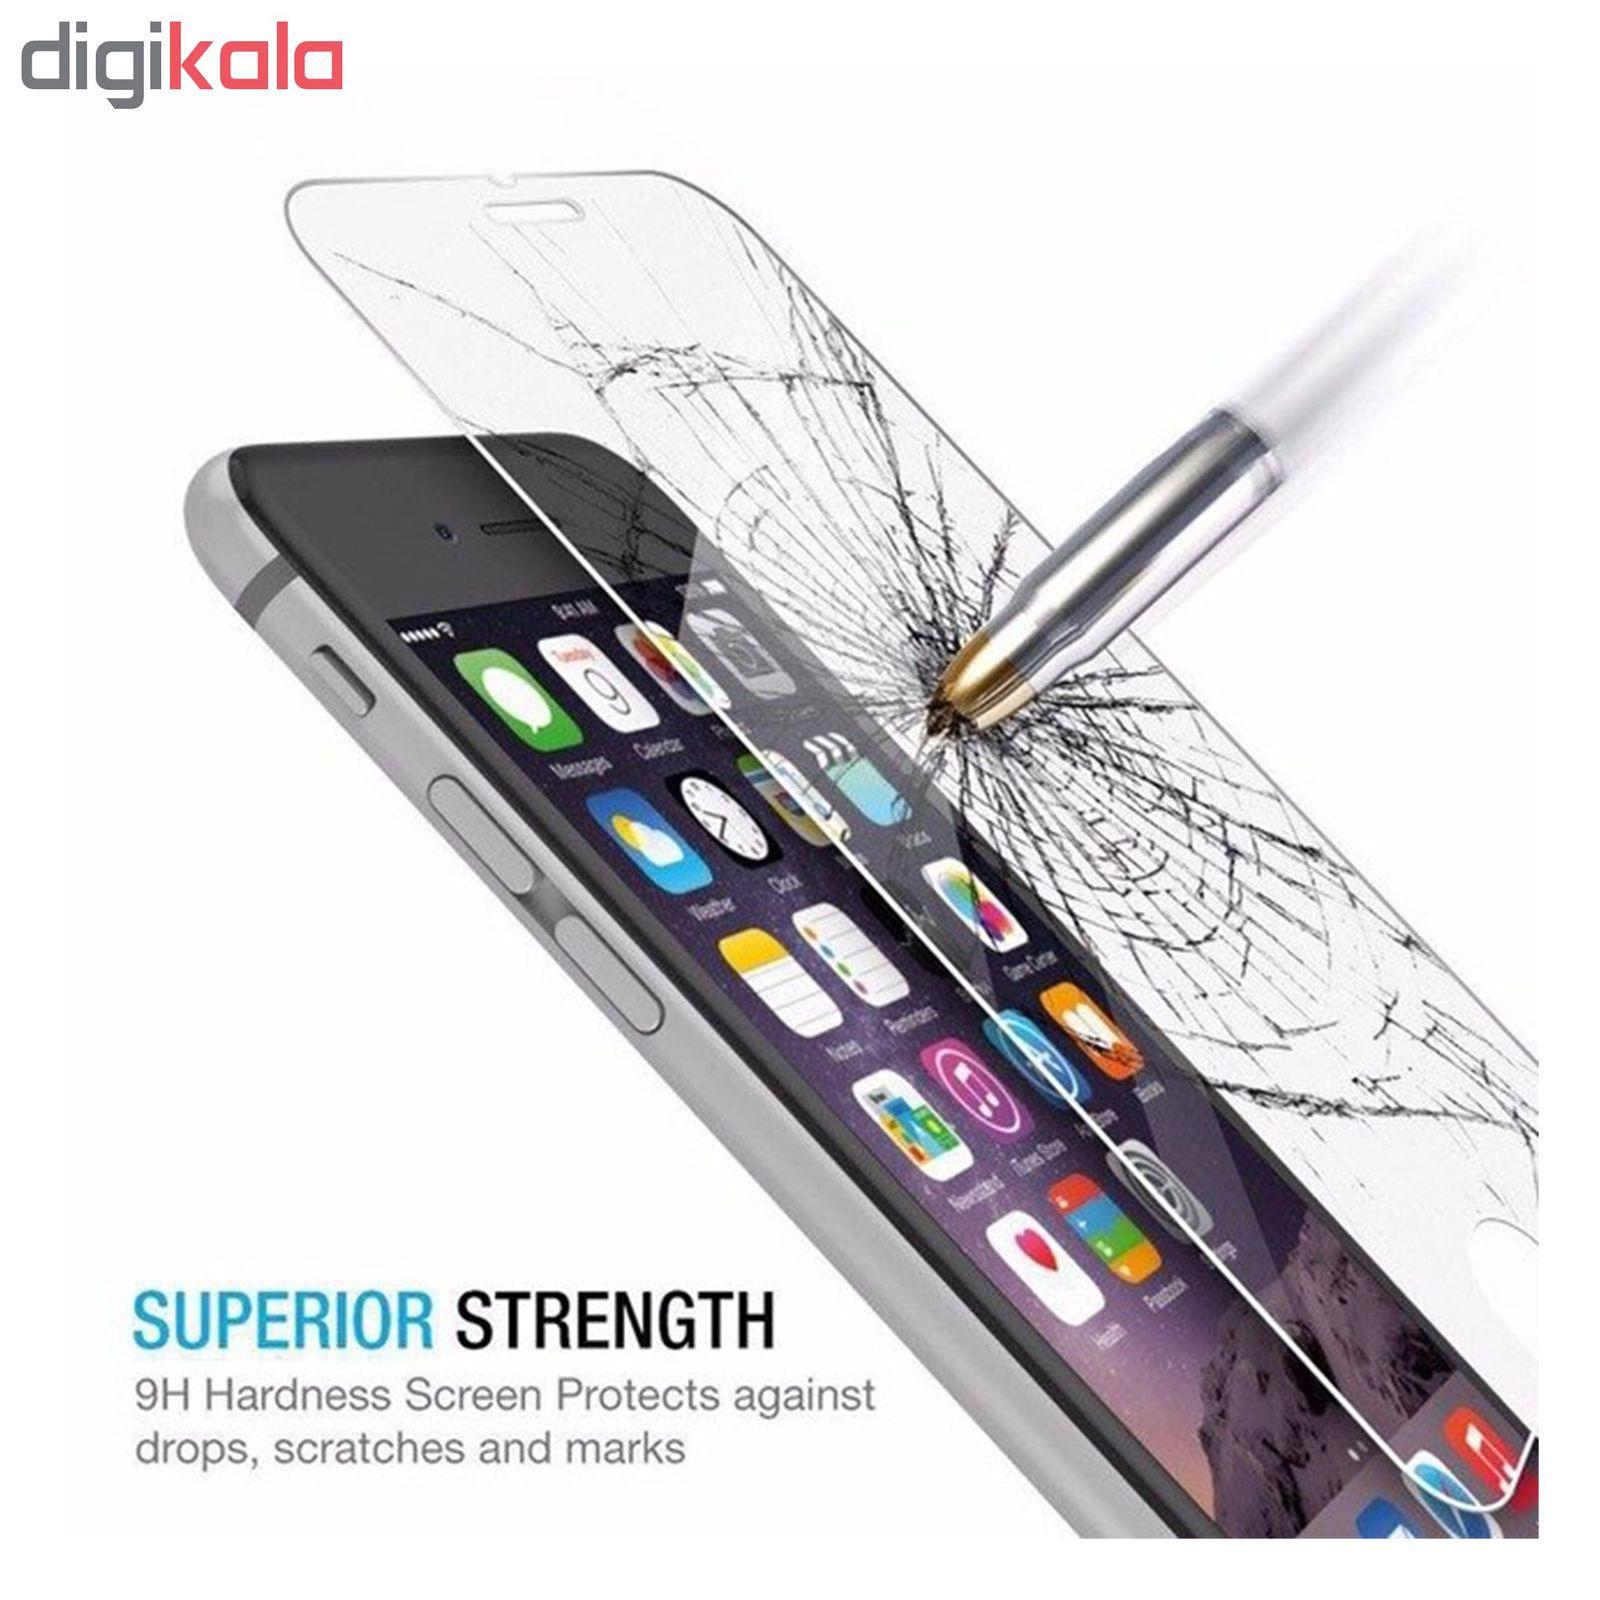 محافظ صفحه نمایش Hard and thick مدل F-01 مناسب برای گوشی موبایل سامسونگ Galaxy A30s  main 1 3